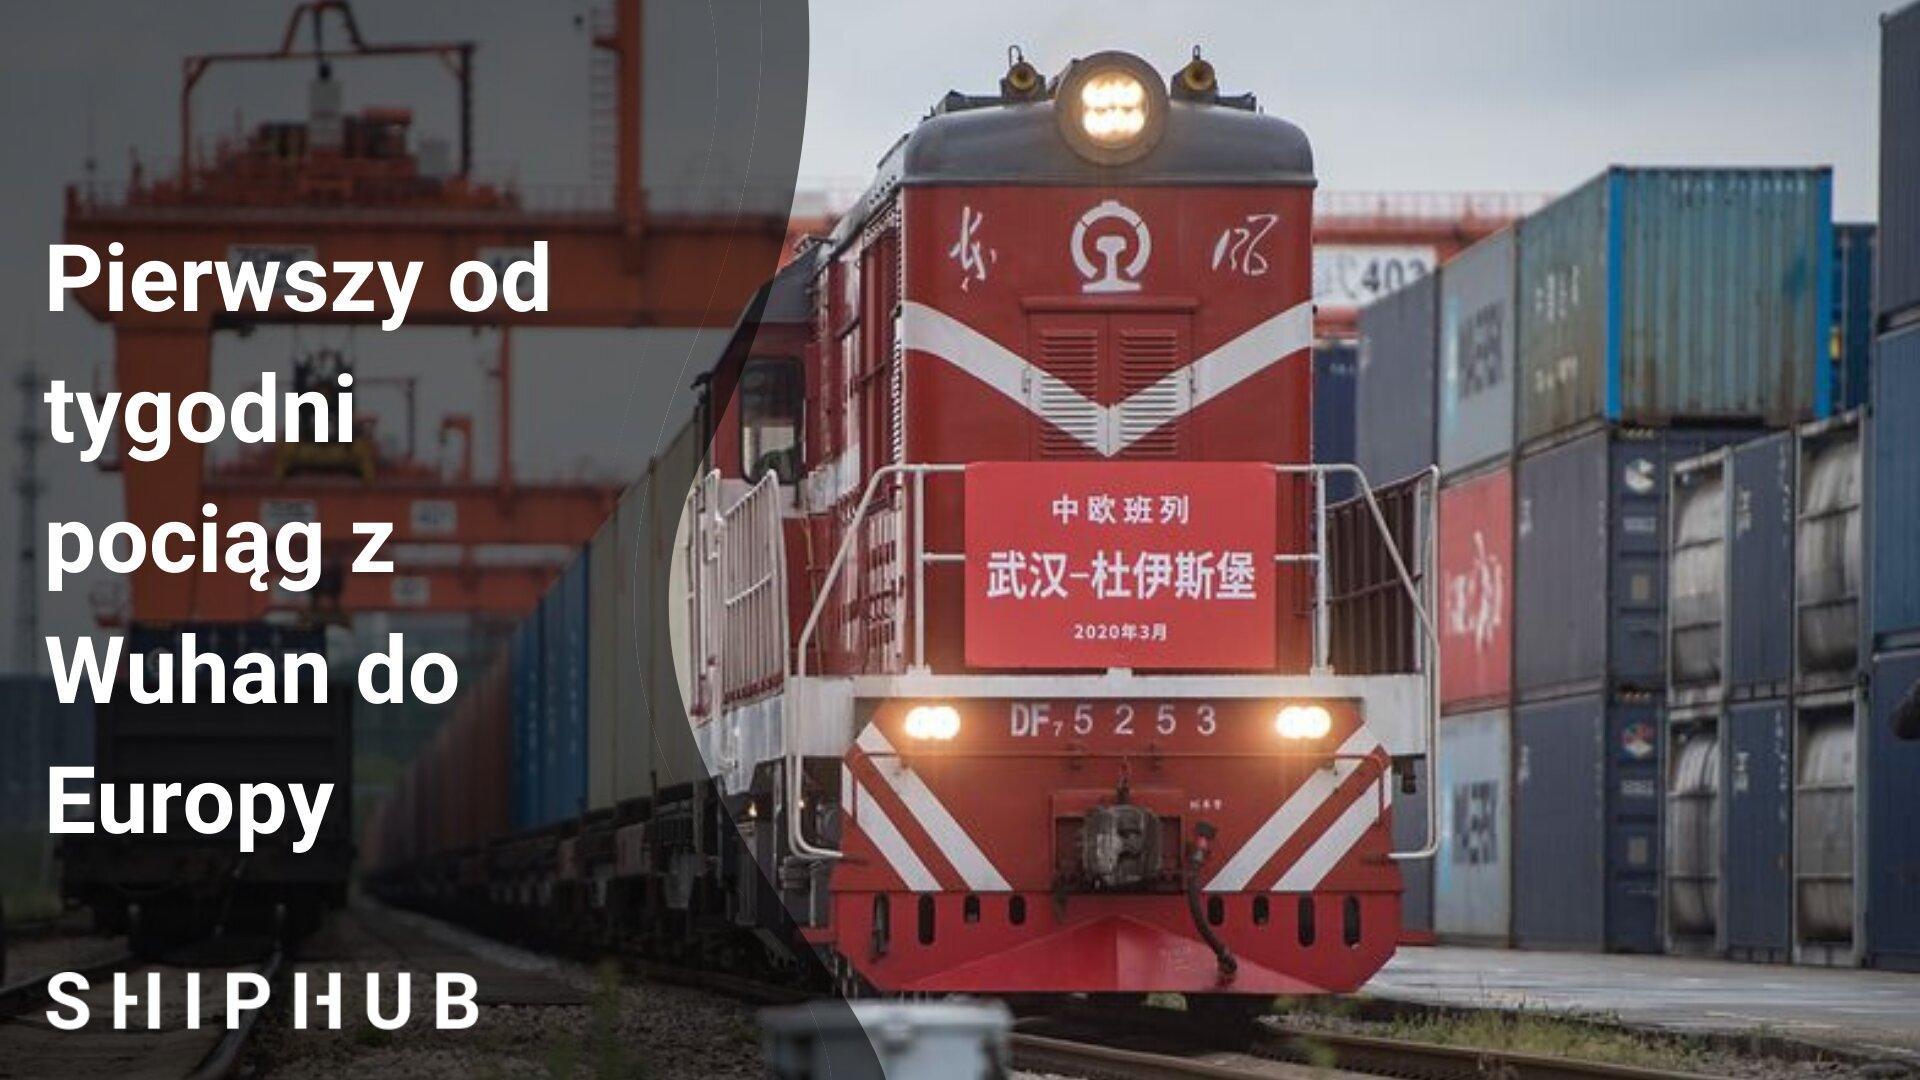 Pierwszy od tygodni pociąg z Wuhan do Europy